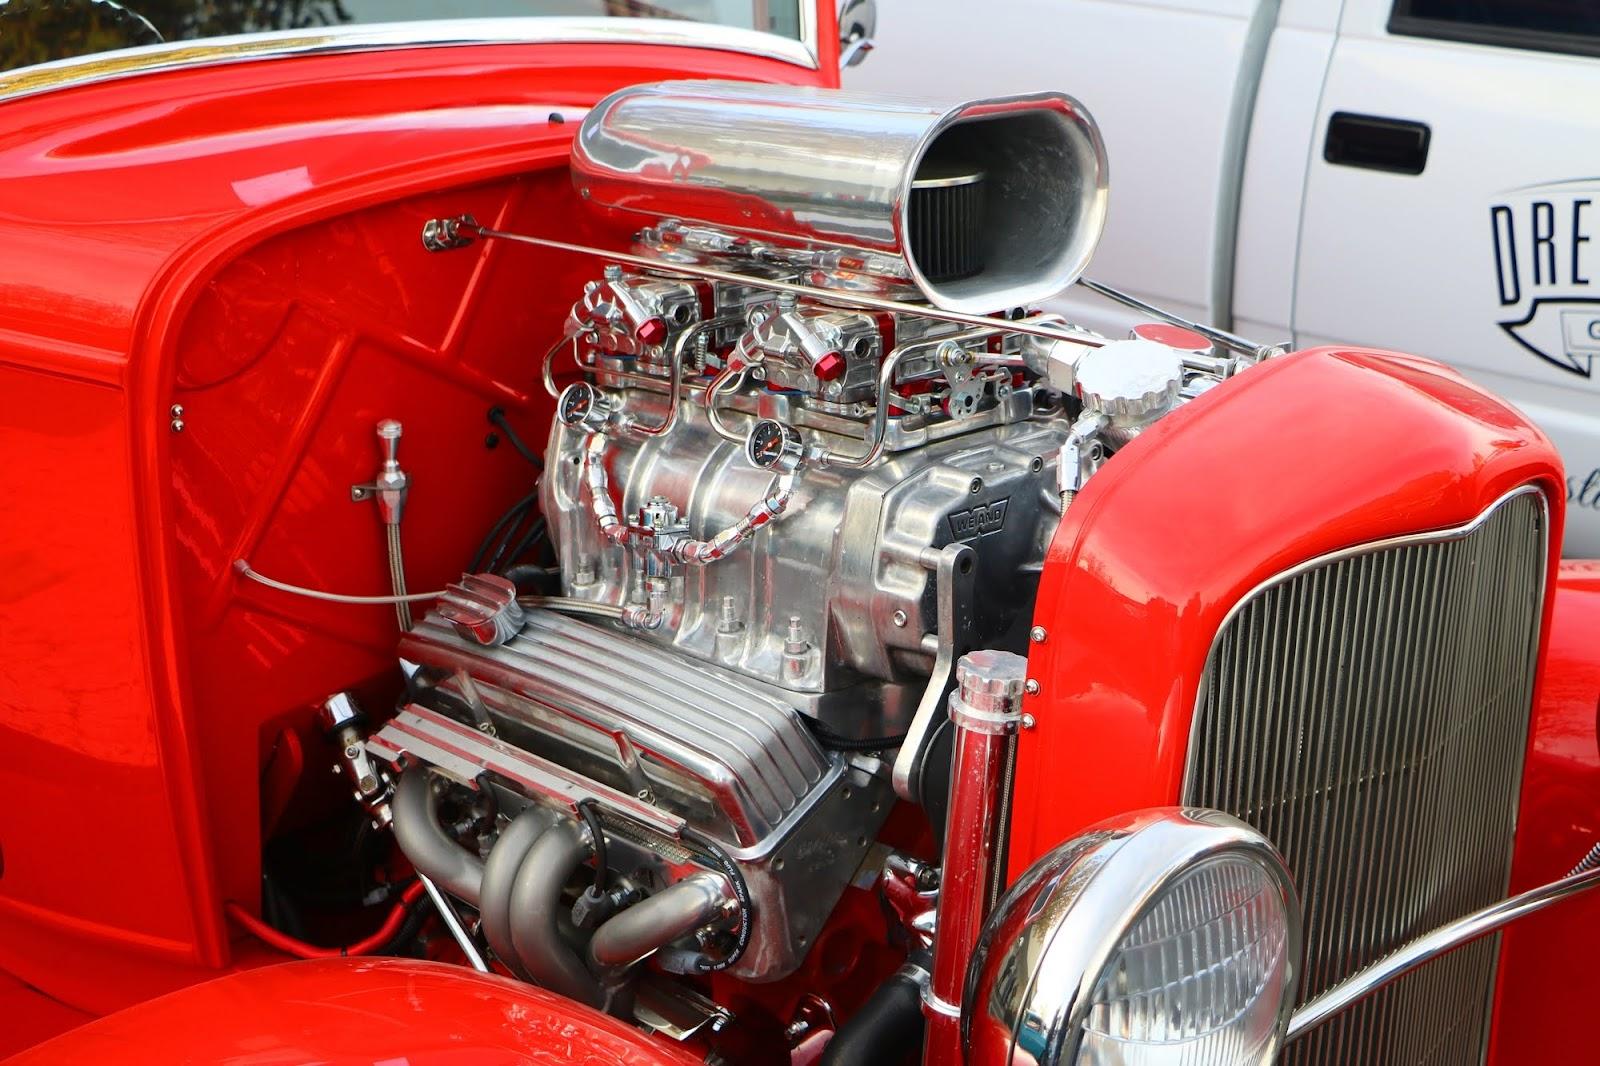 1932 Ford Hot Rod Engine Bay.jpg